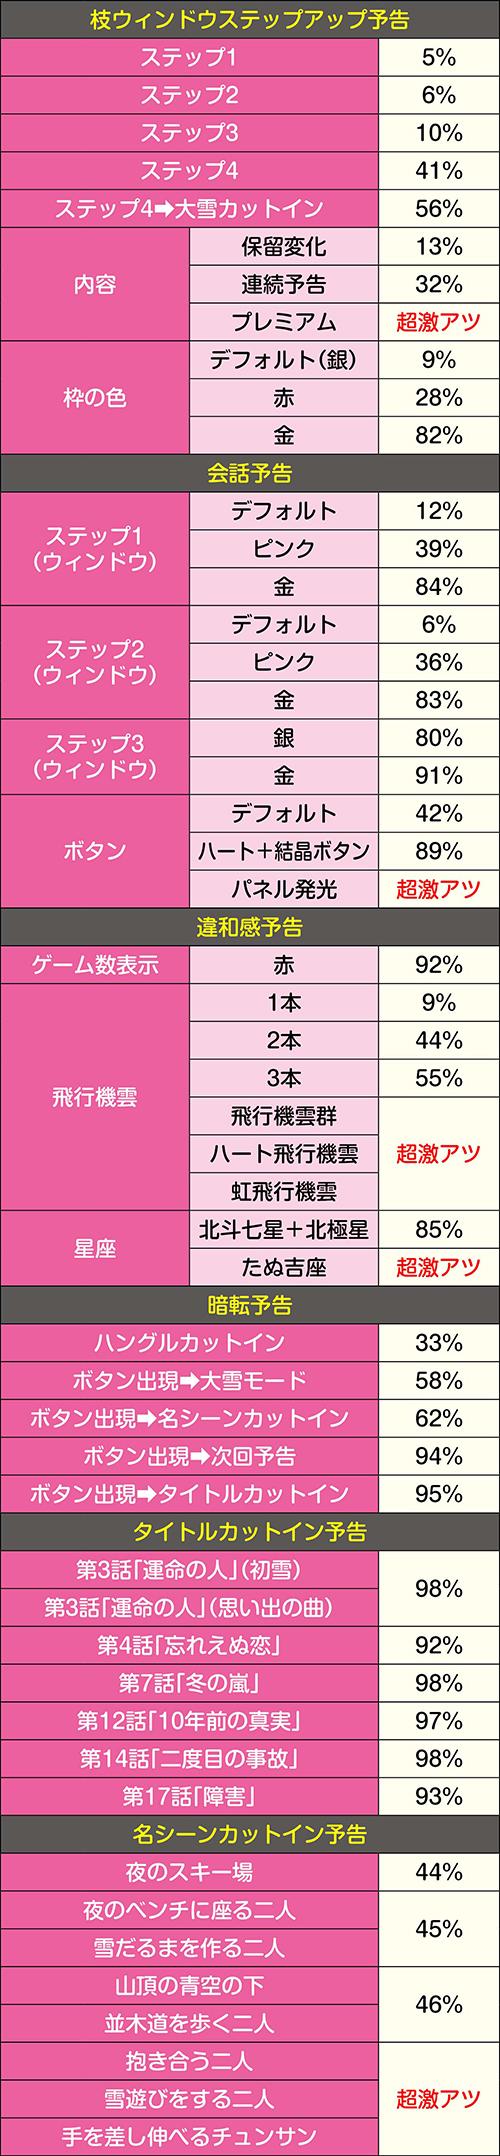 チャンスタイム_リーチ前予告③